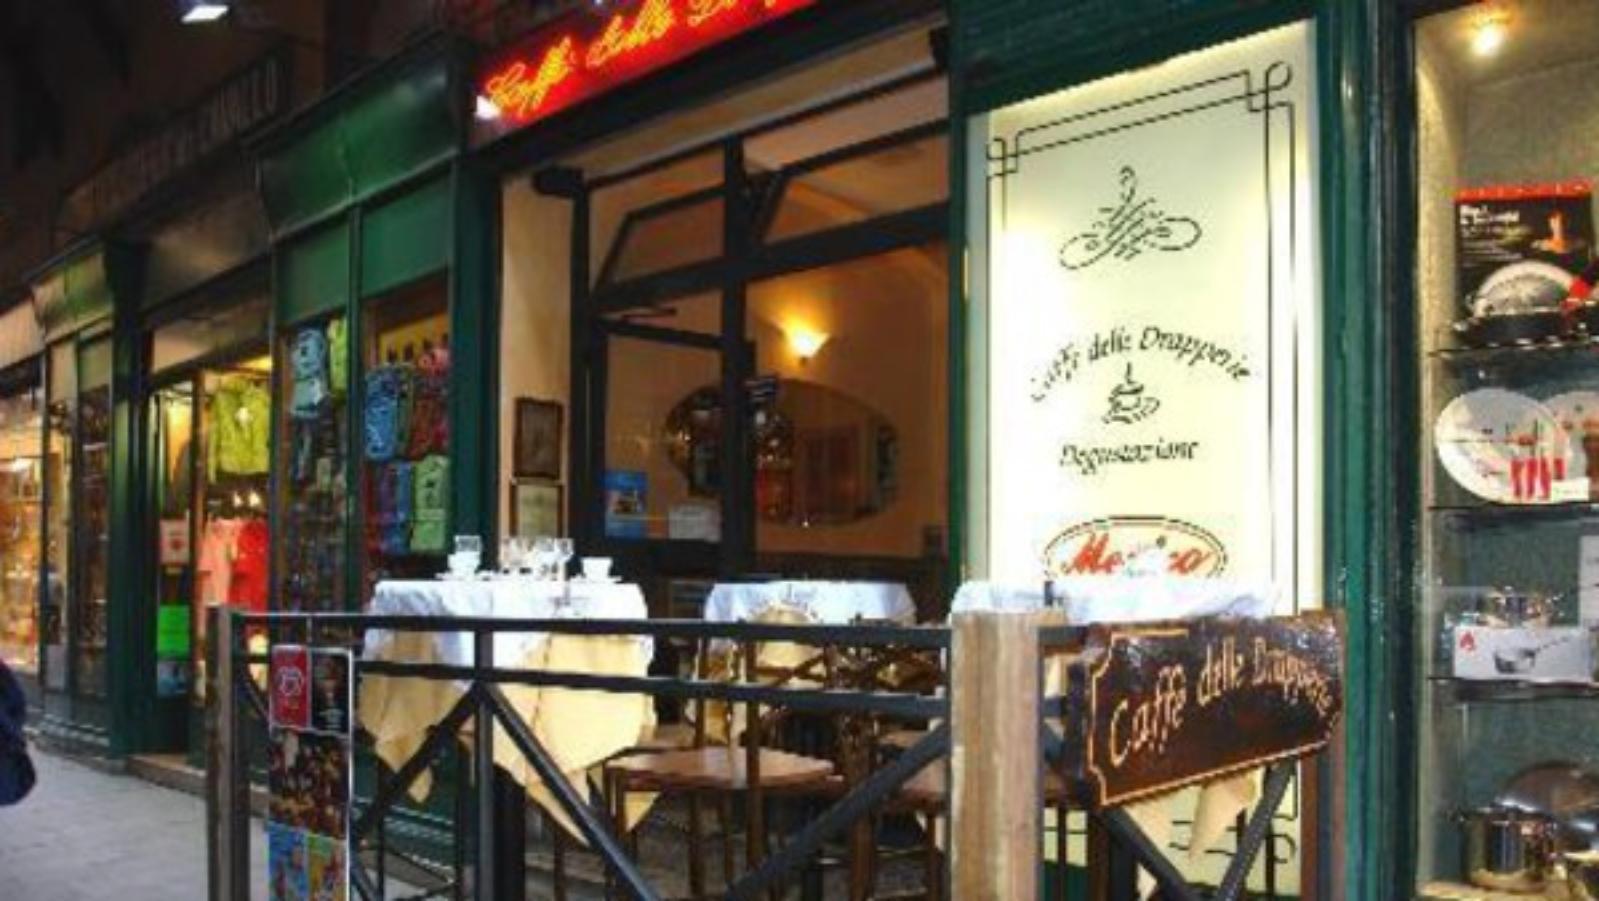 http://www.arte.it/guida-arte/bologna/da-vedere/locale/bar-caff%C3%A8-delle-drapperie-2364